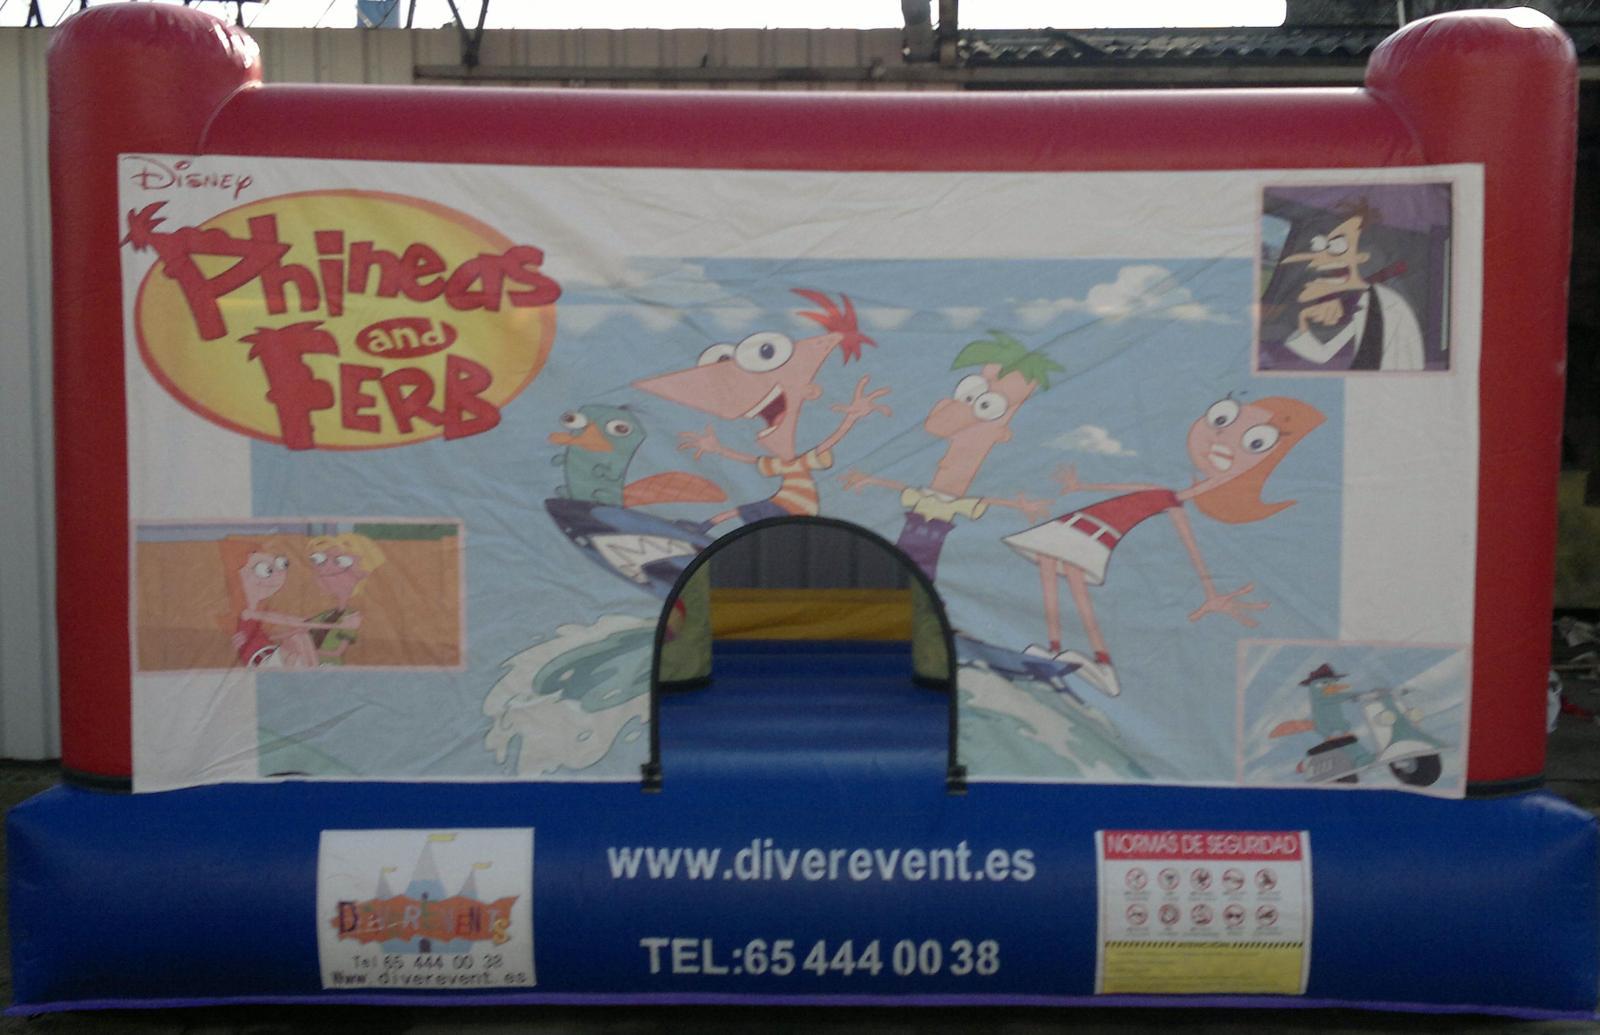 Phineas y ferb castillo hinchable 4x3 metros